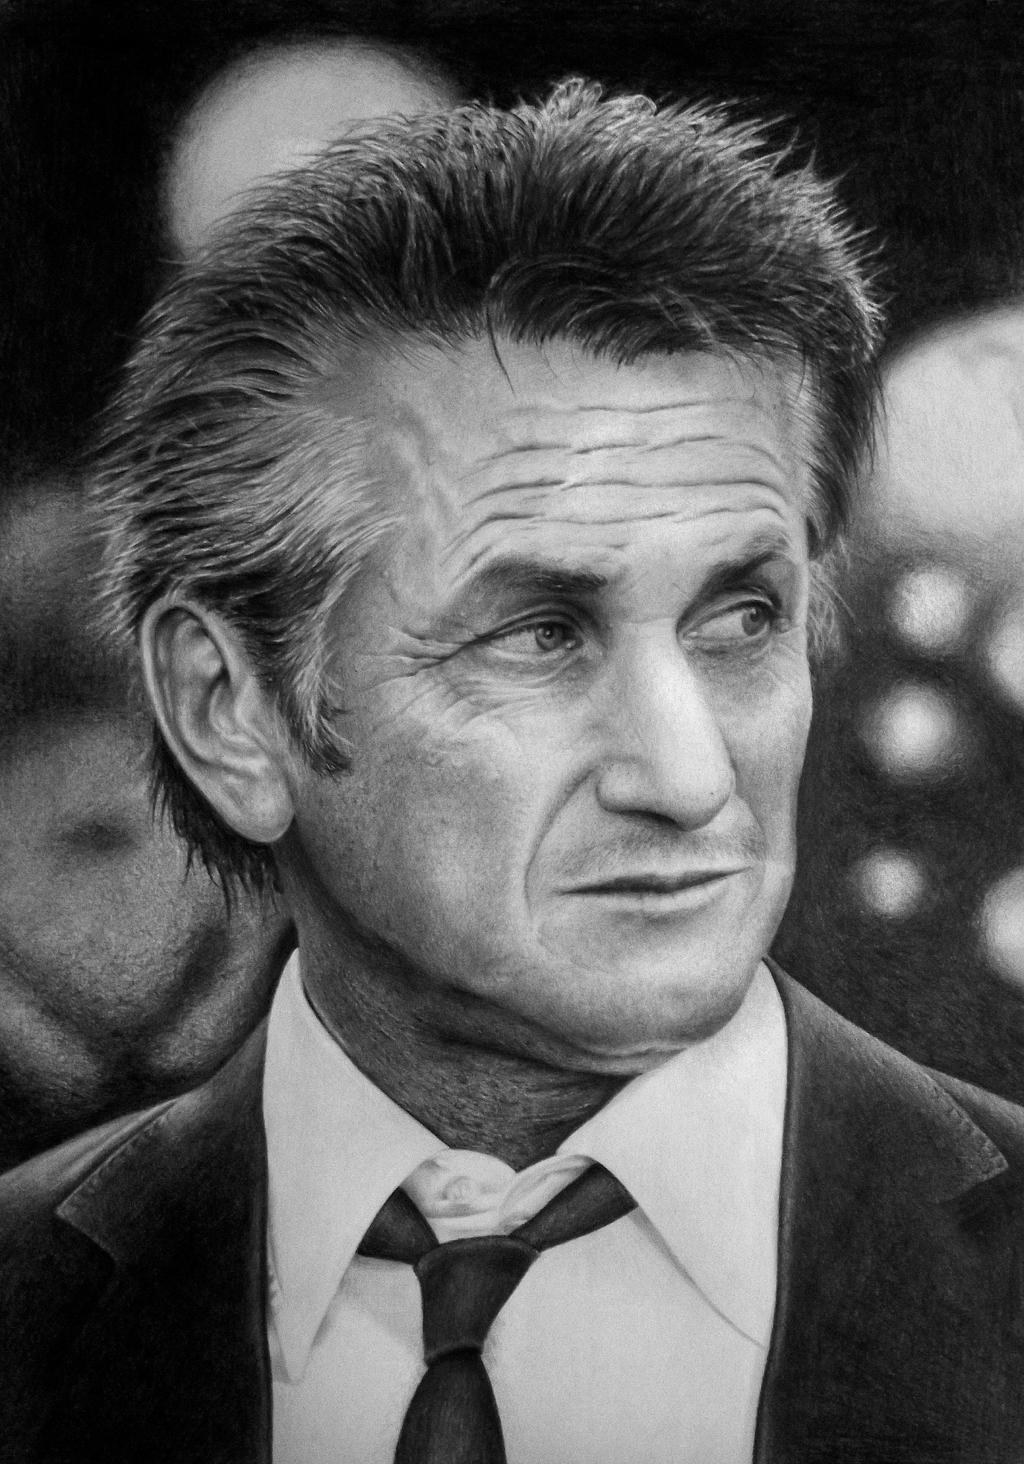 Sean Penn. - 2013 by incasent